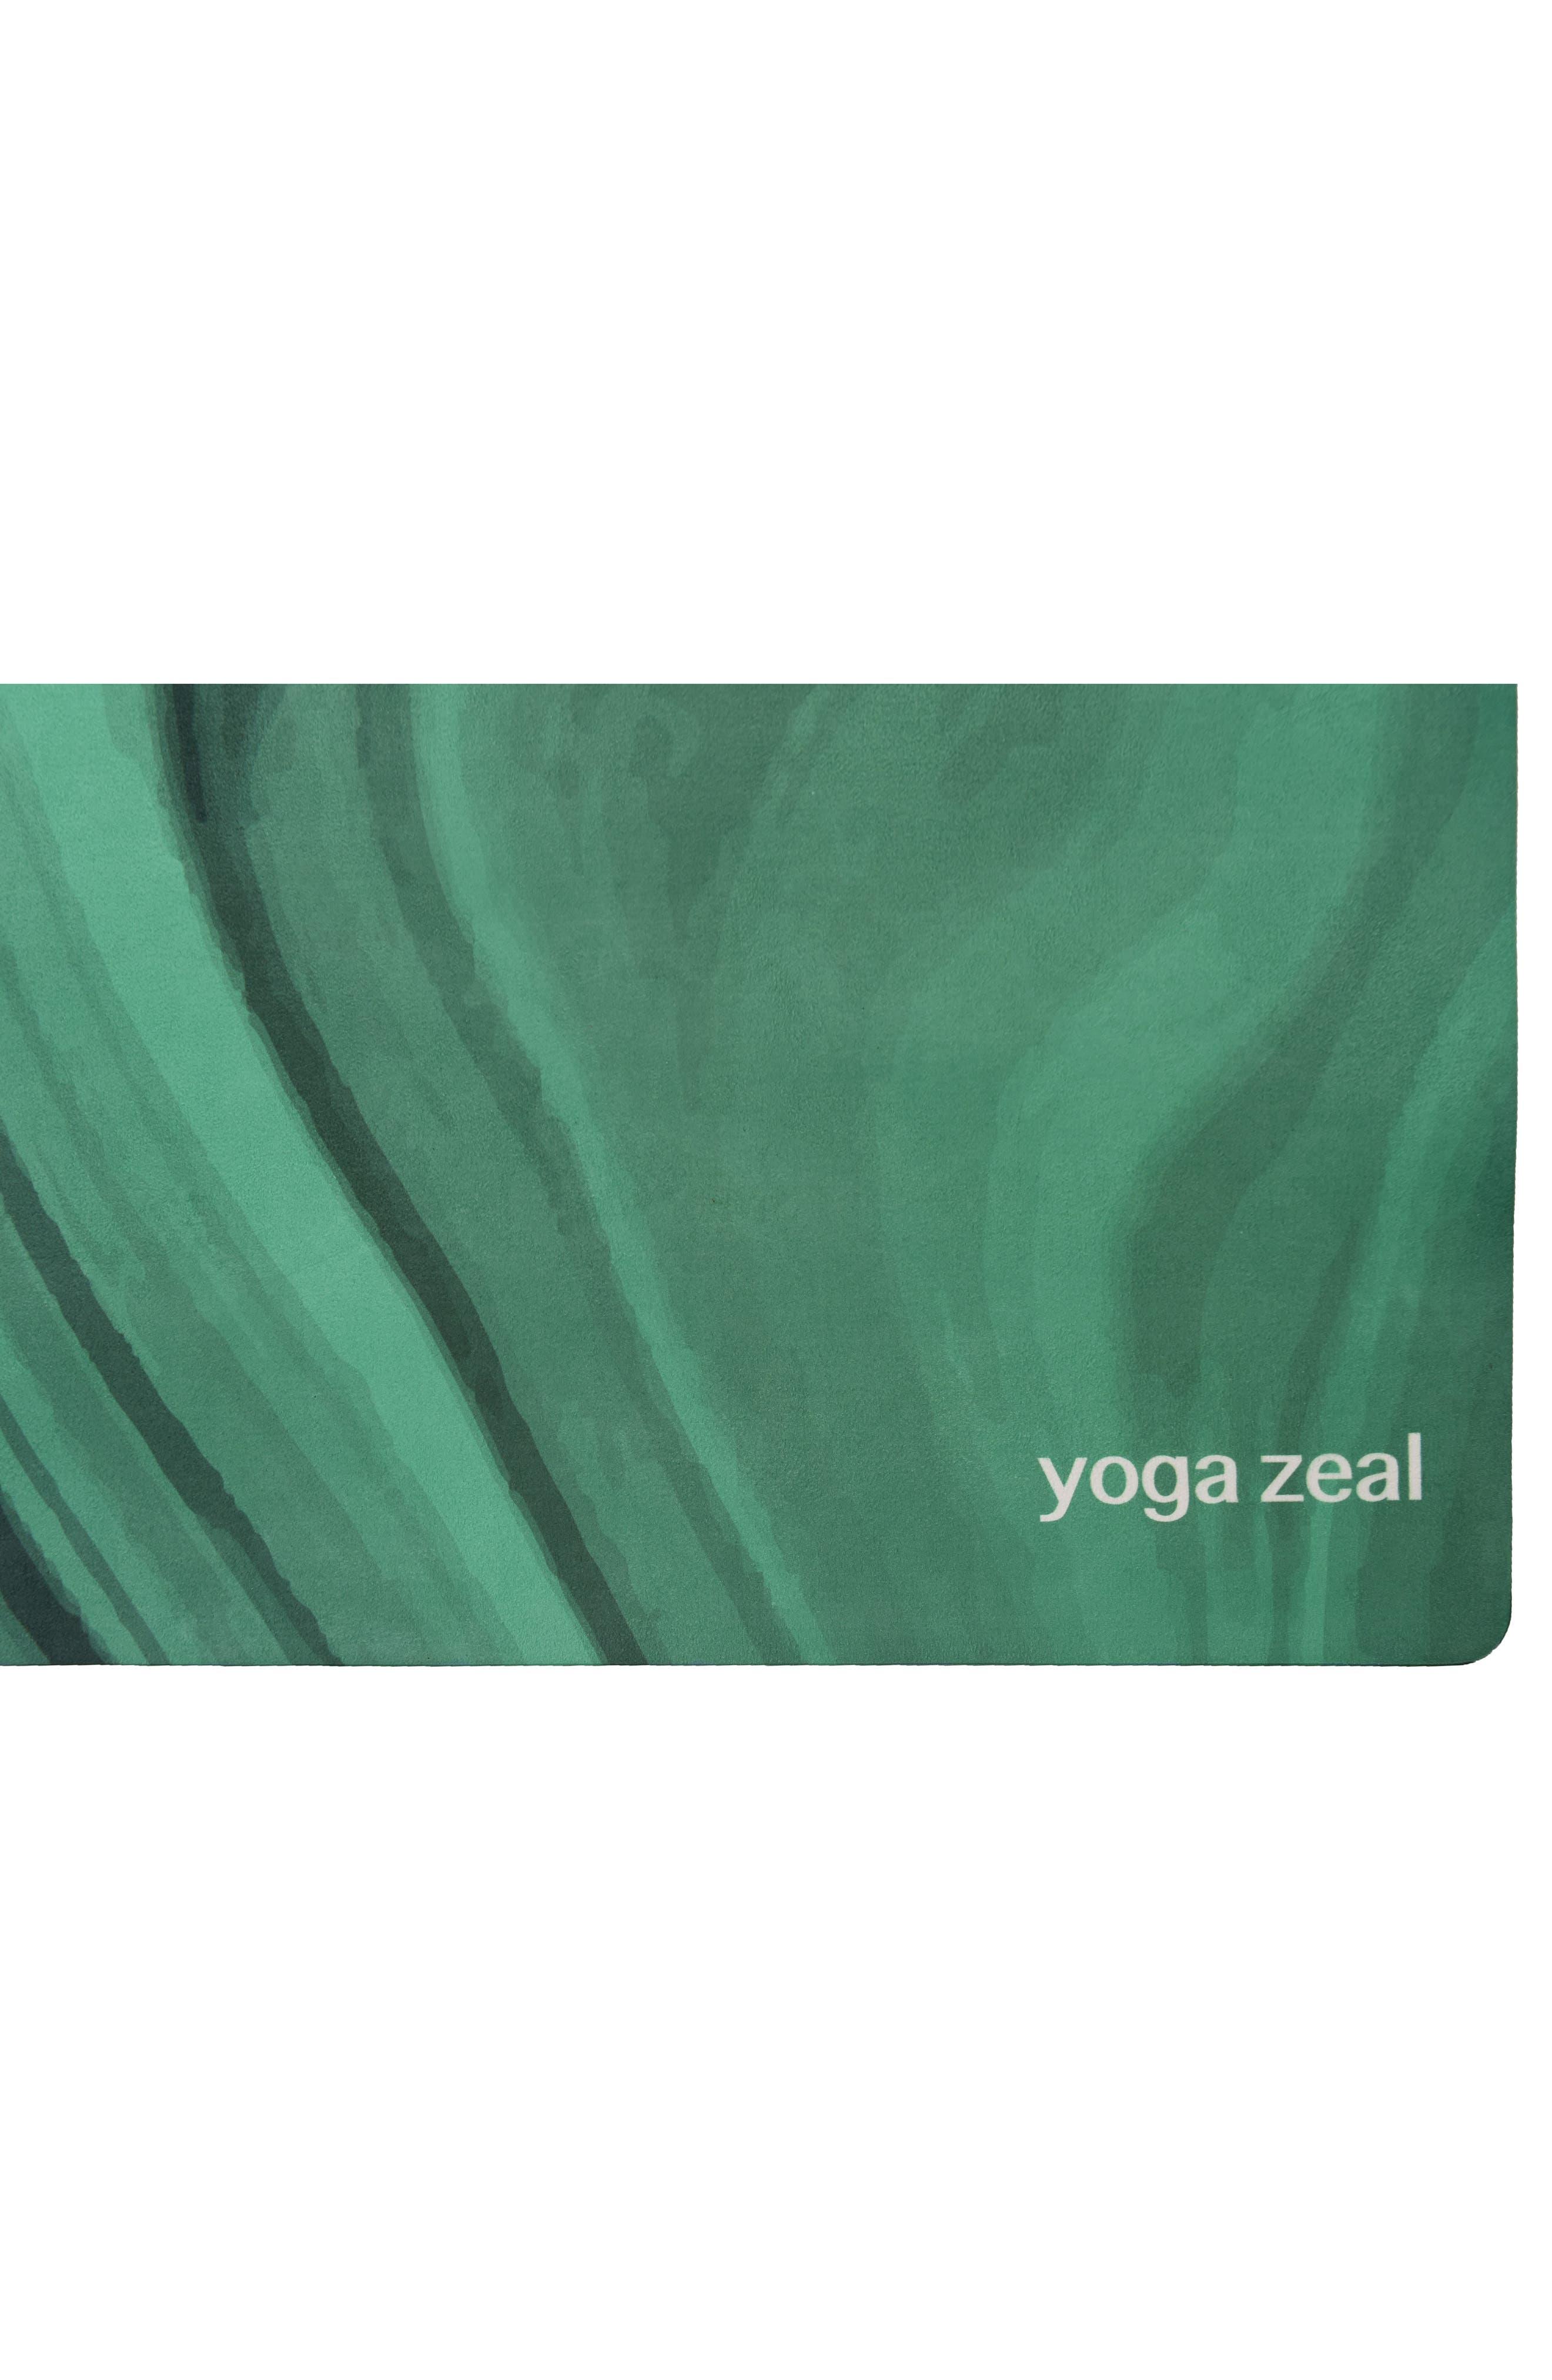 Malachite Print Yoga Mat,                             Alternate thumbnail 3, color,                             Green